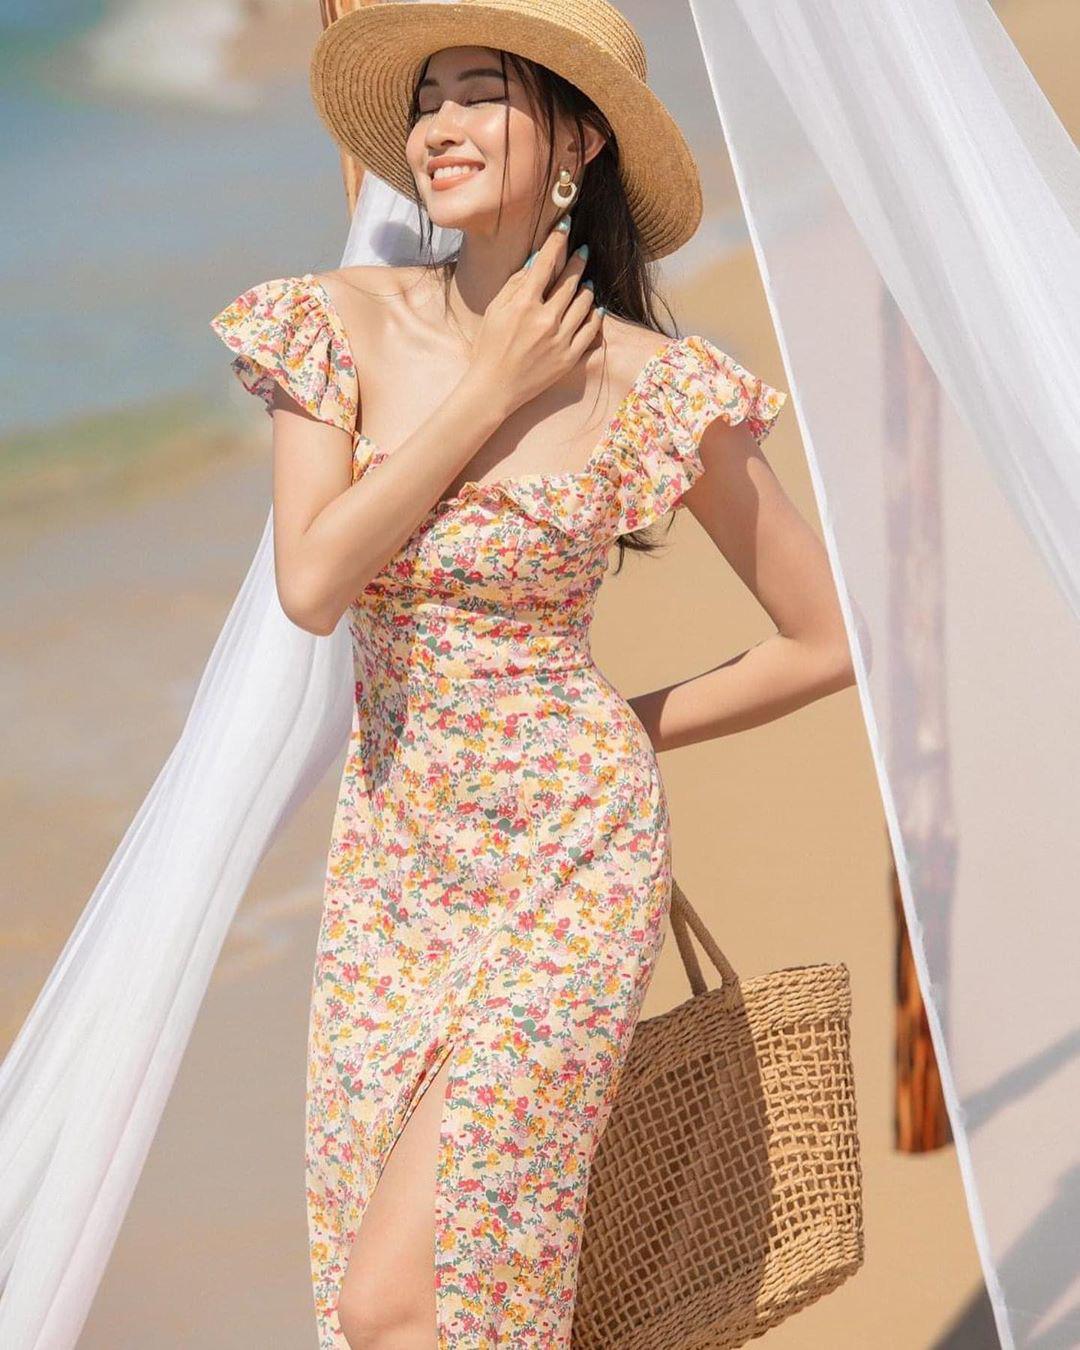 Trời se lạnh mà quẩy váy dáng dài là style sẽ yêu kiều như gái Pháp, điểm sang chảnh cũng tăng ngùn ngụt - Ảnh 15.